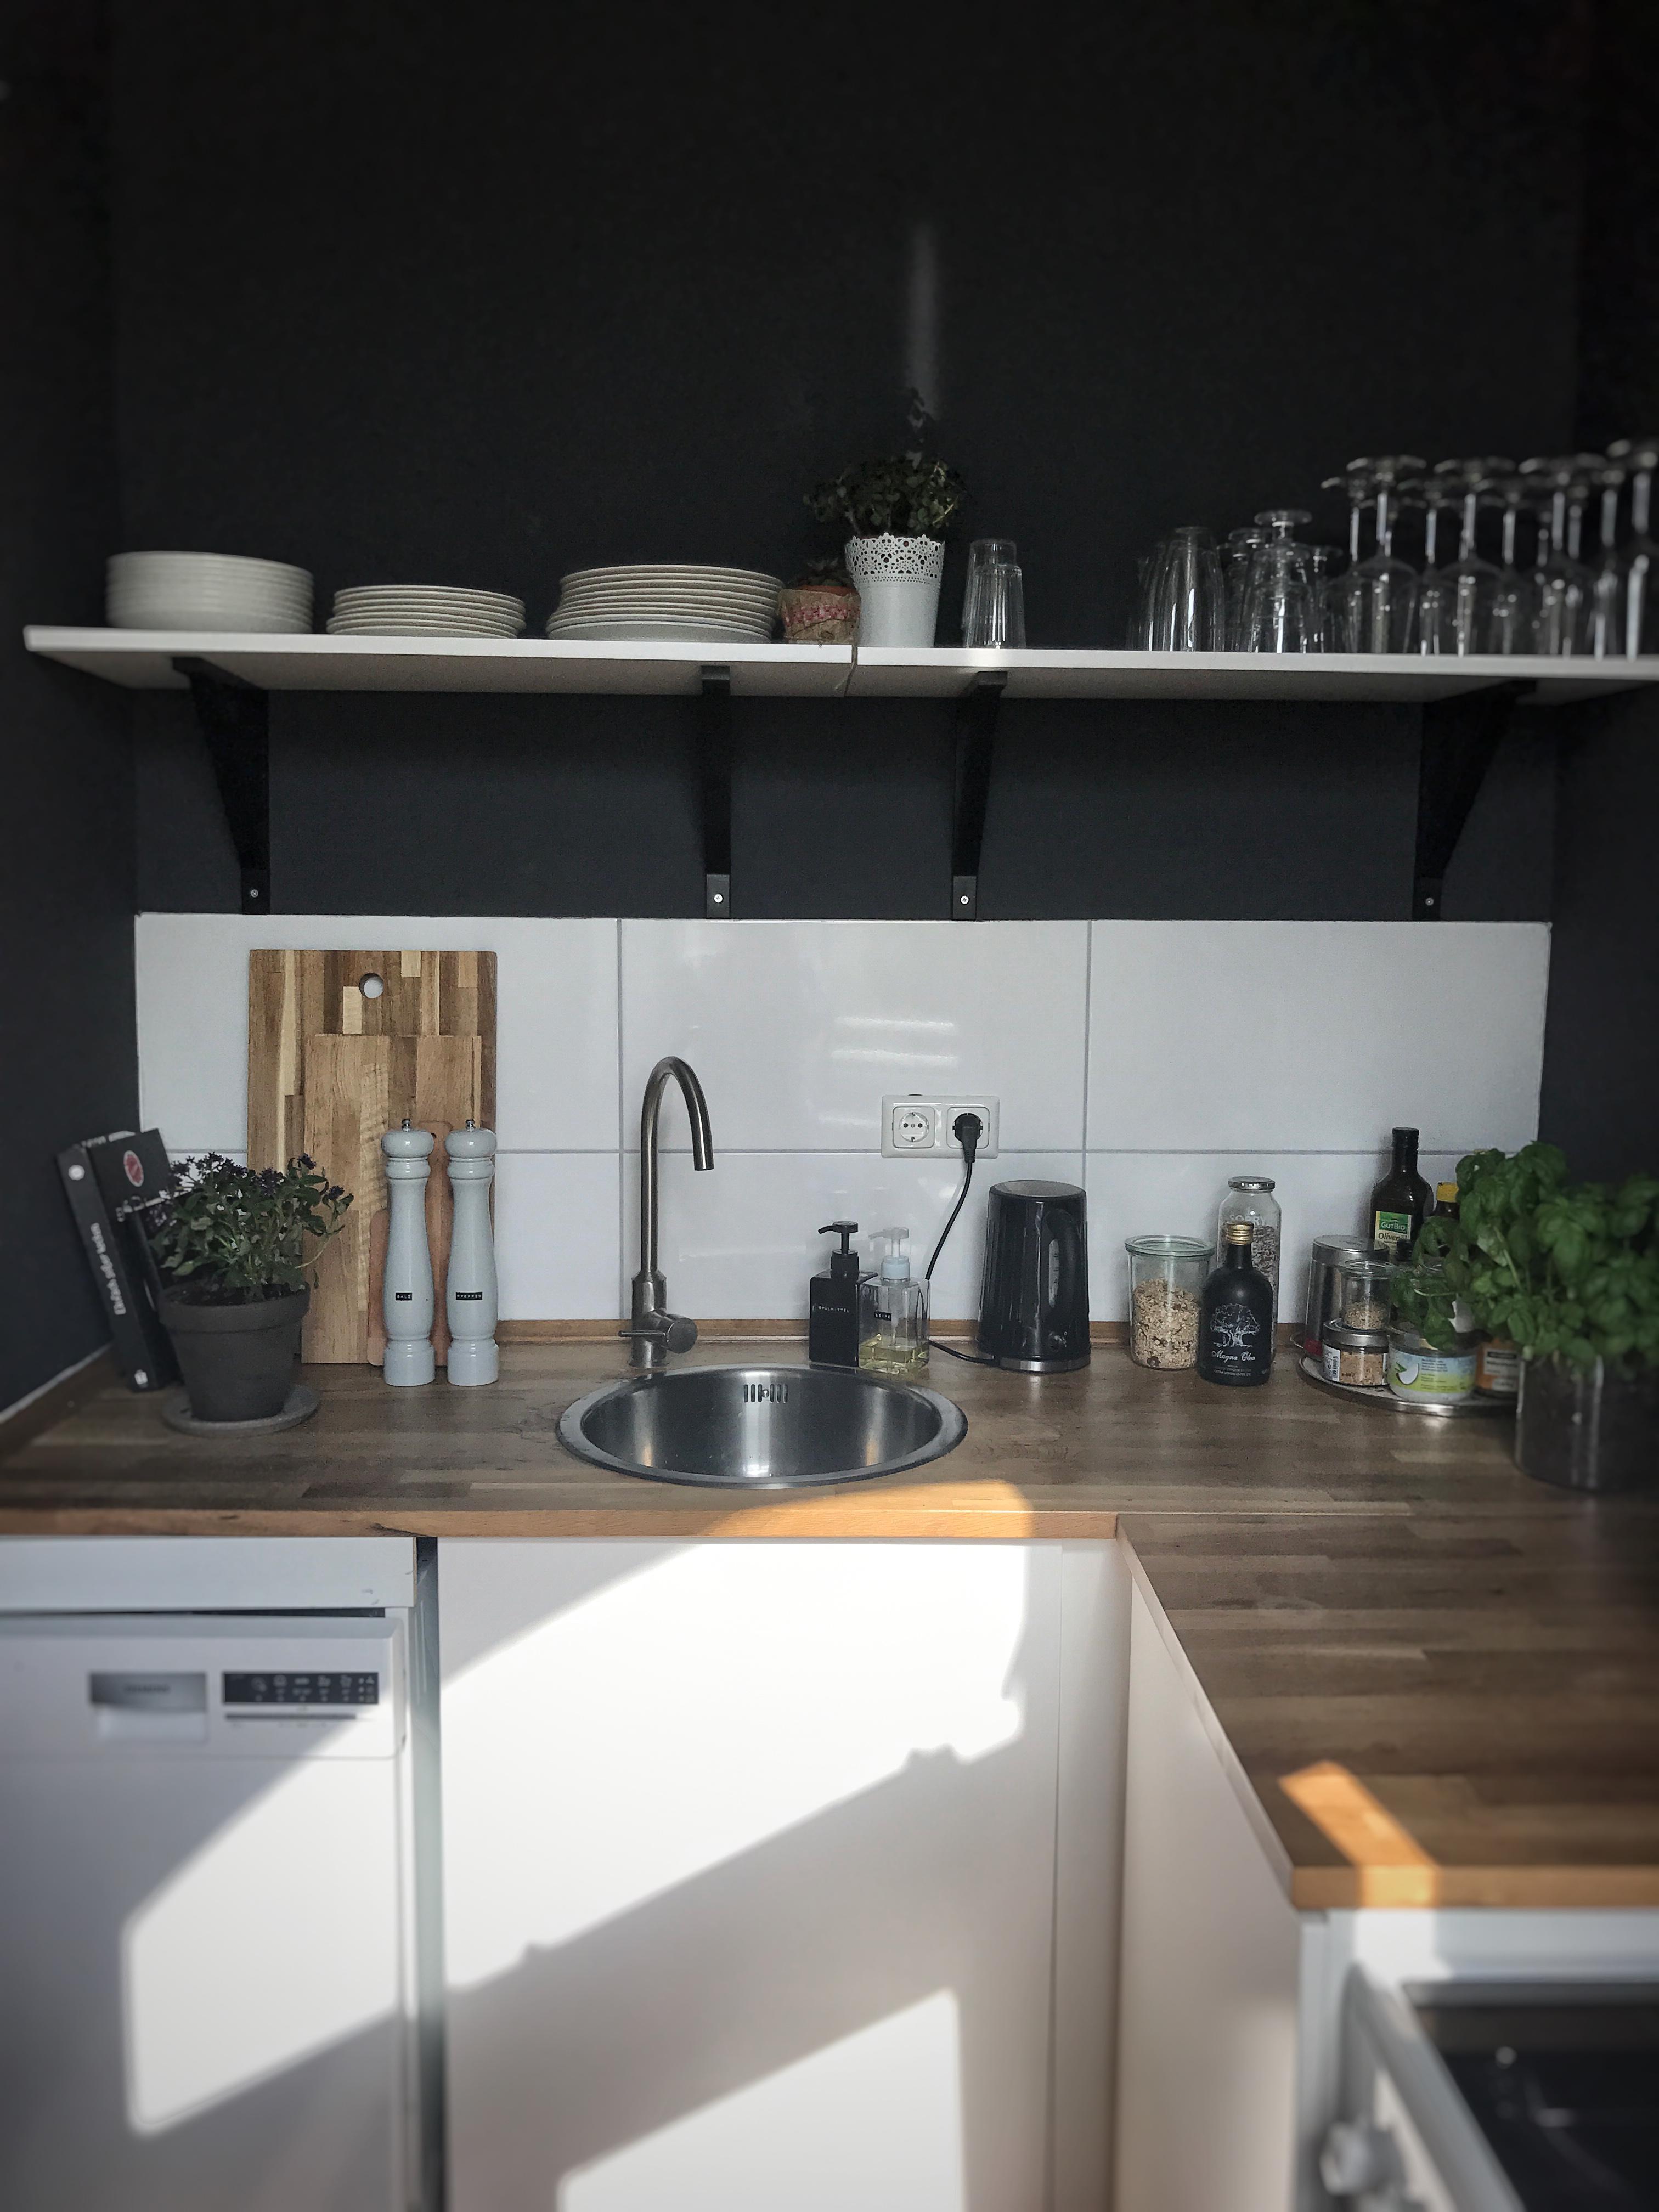 farbe in der k che bilder ideen couchstyle. Black Bedroom Furniture Sets. Home Design Ideas